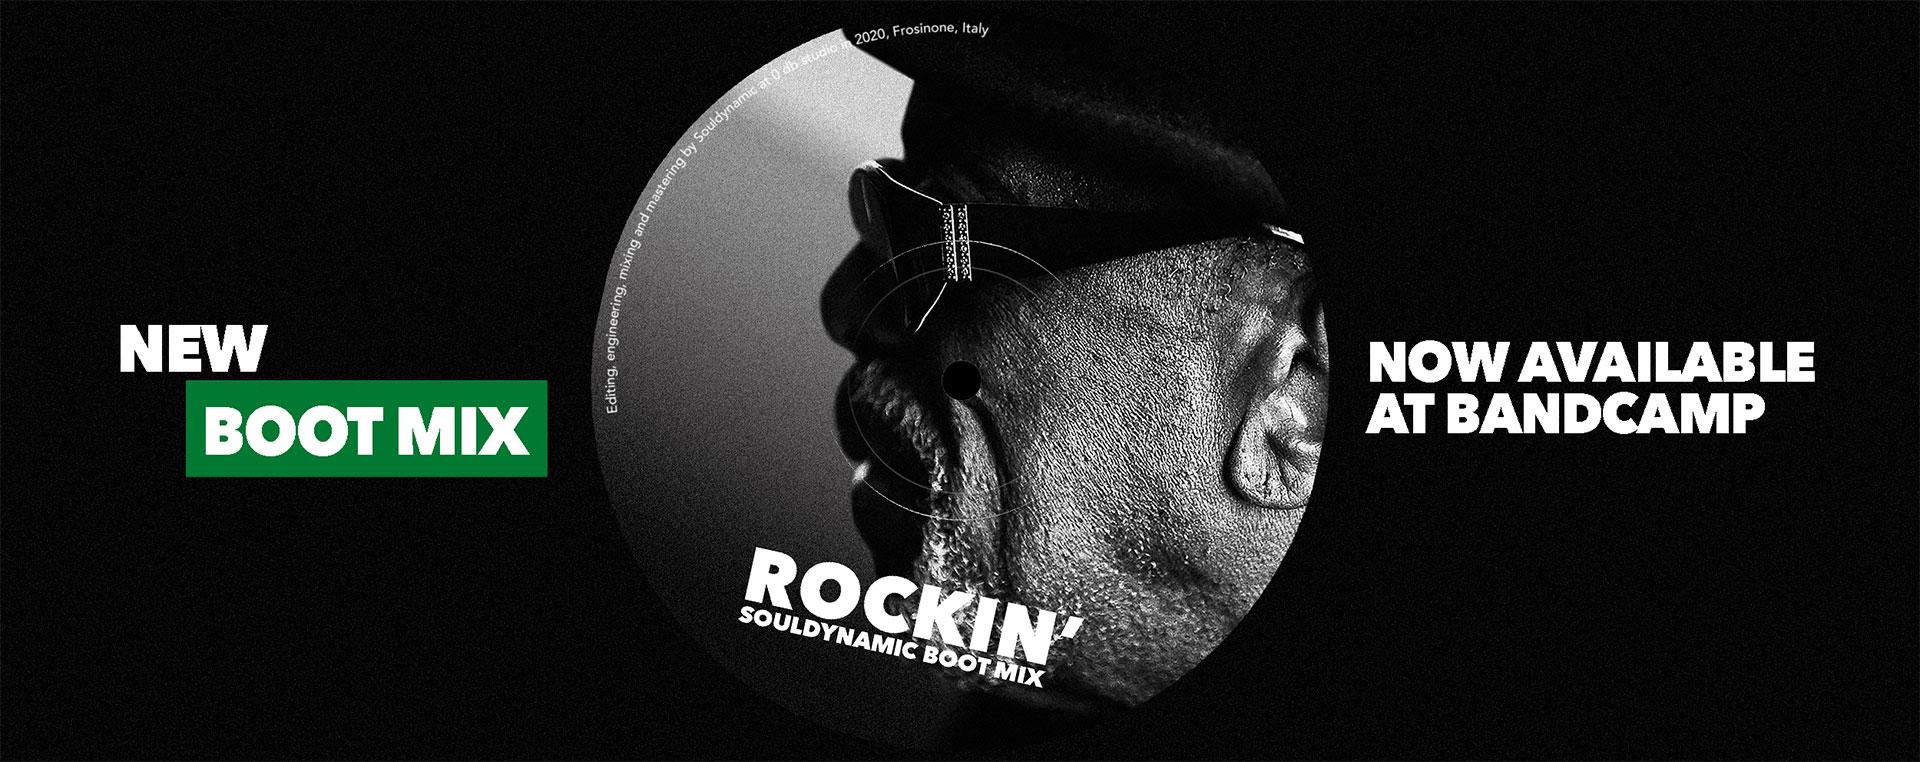 Rockin' Souldynamic Boot Mix